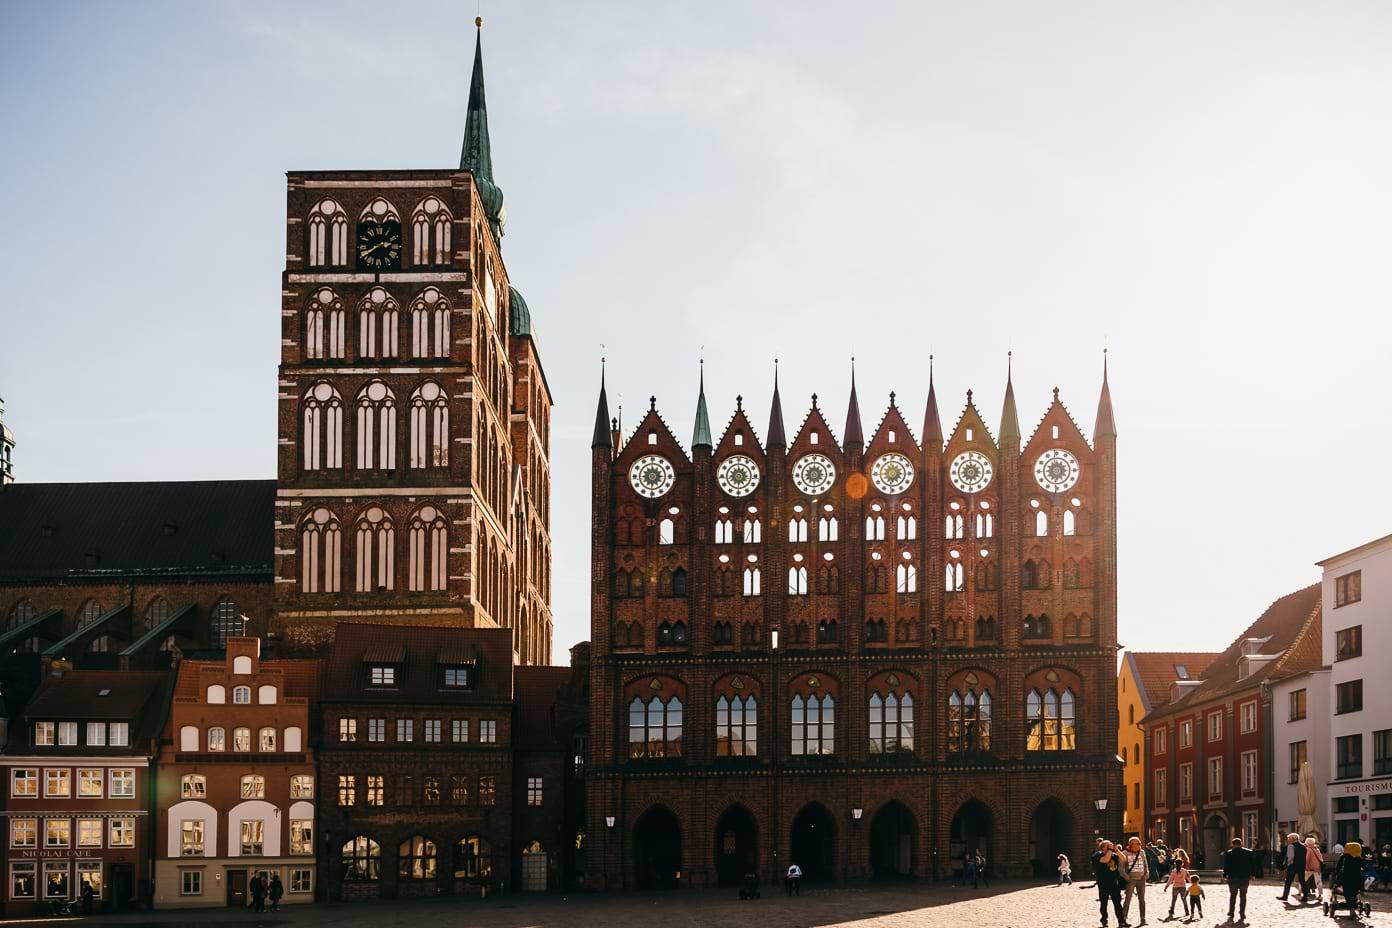 Marktplatz in Stralsund